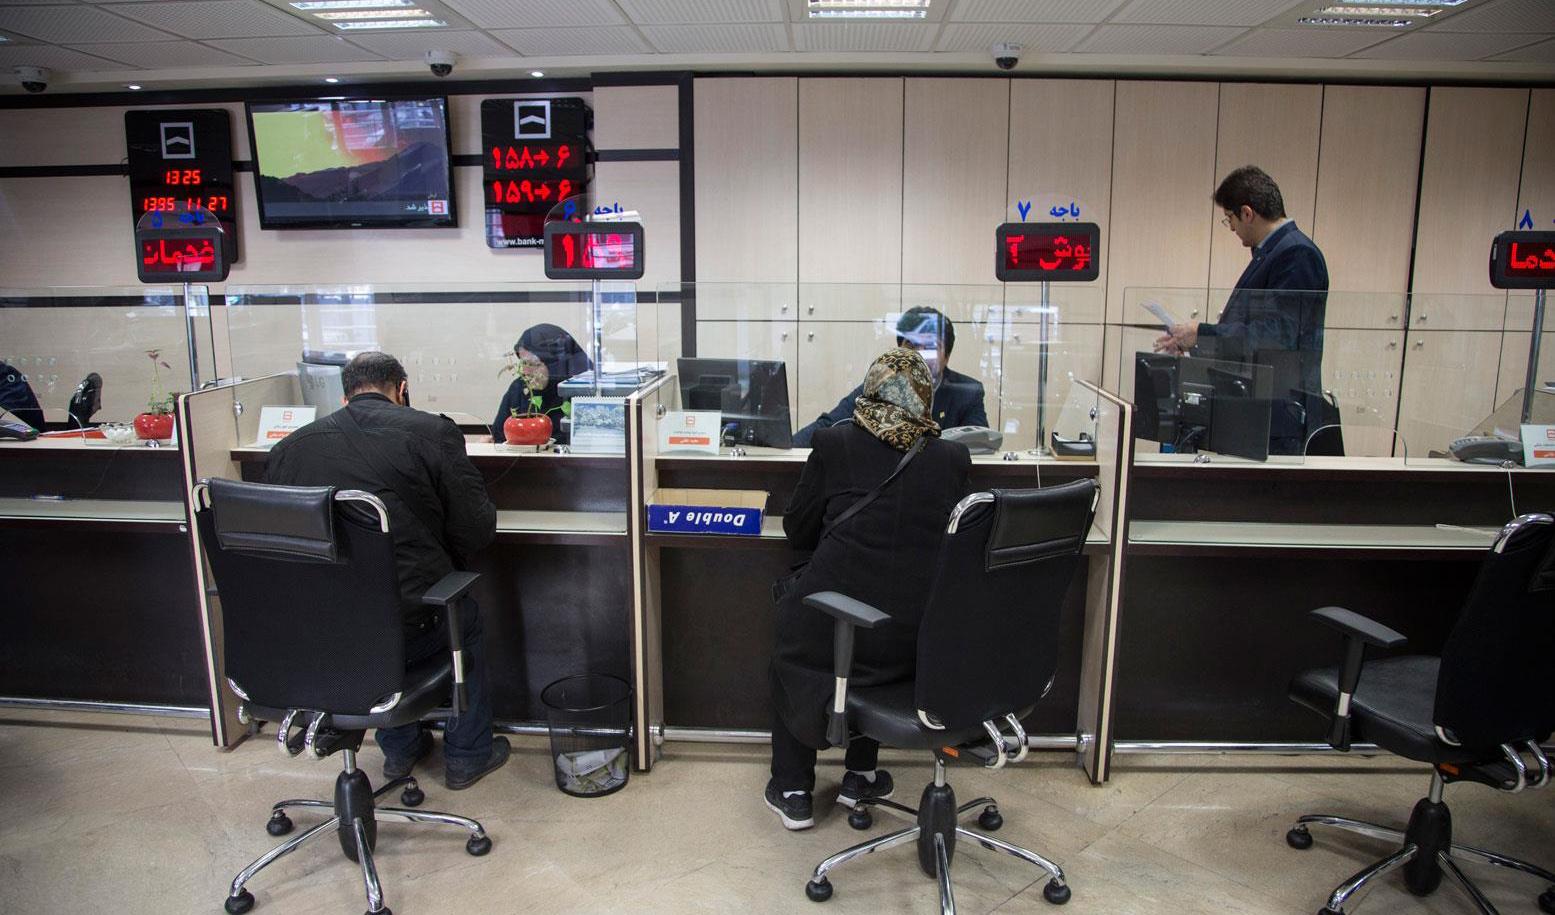 توصیه رئیس شورای هماهنگی بانکها به مردم برای انجام امور بانکی